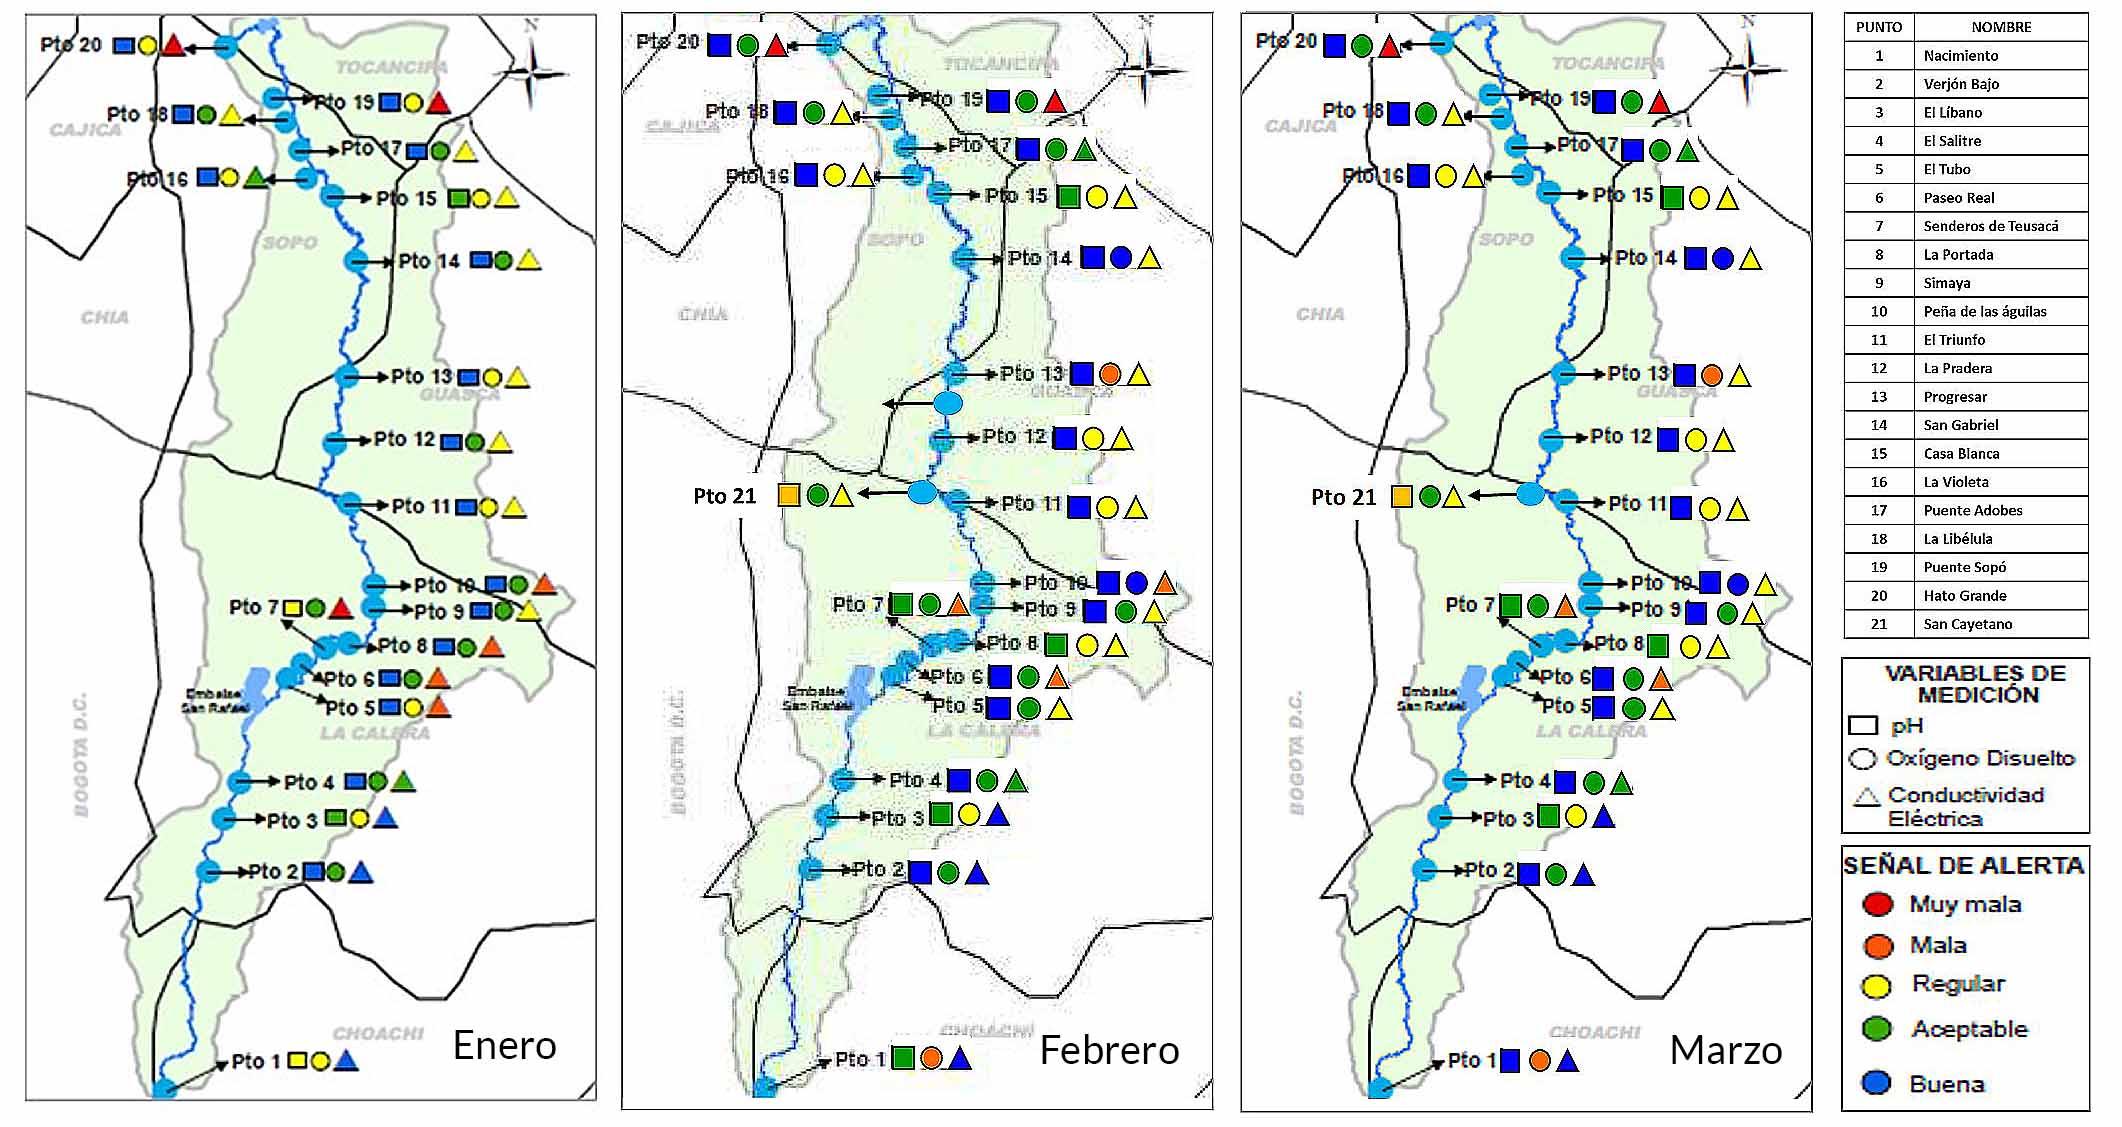 Mapa calidad del agua marzo-febrero-enero